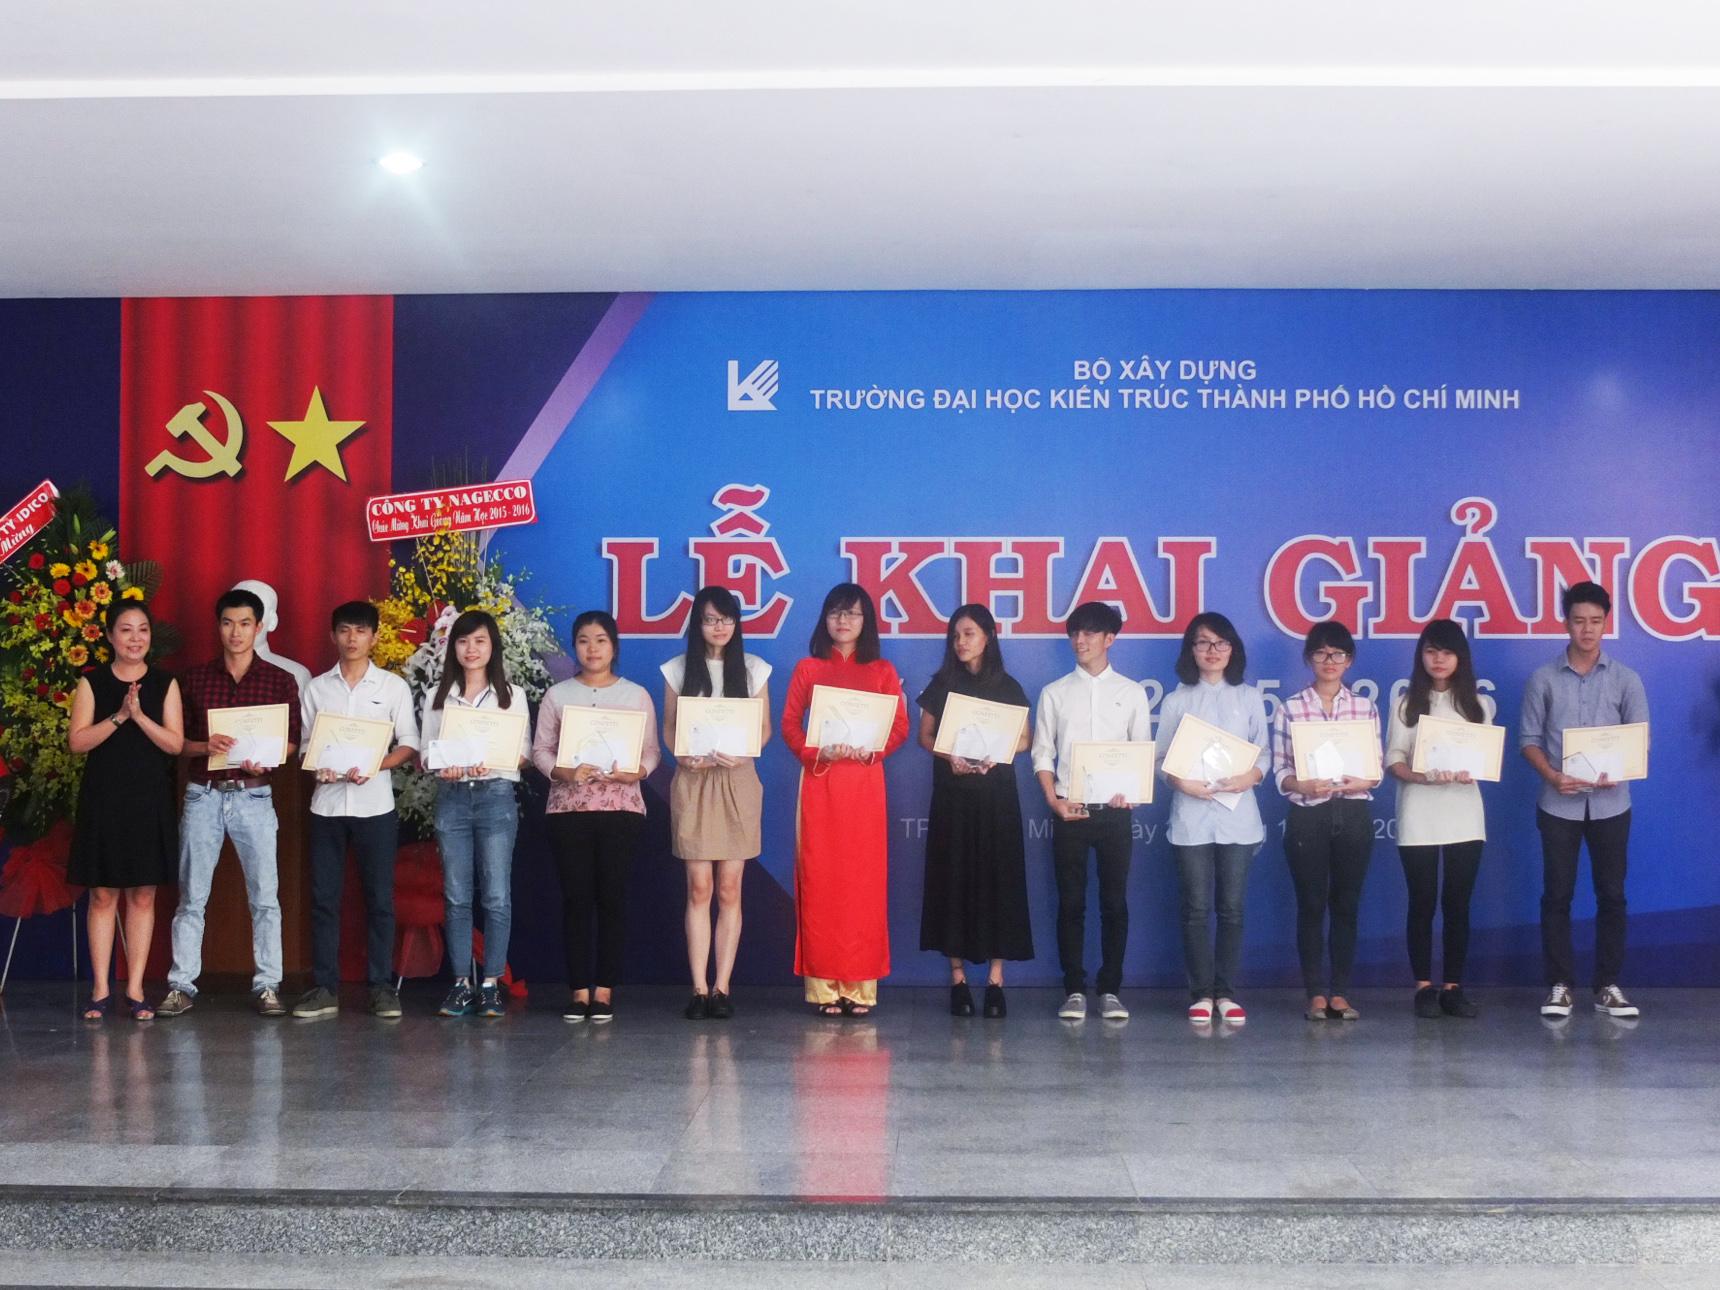 Giấy Lan Vi | Các bạn sinh viên khoa Mỹ Thuật Công Nghiệp nhận học bổng Confetti